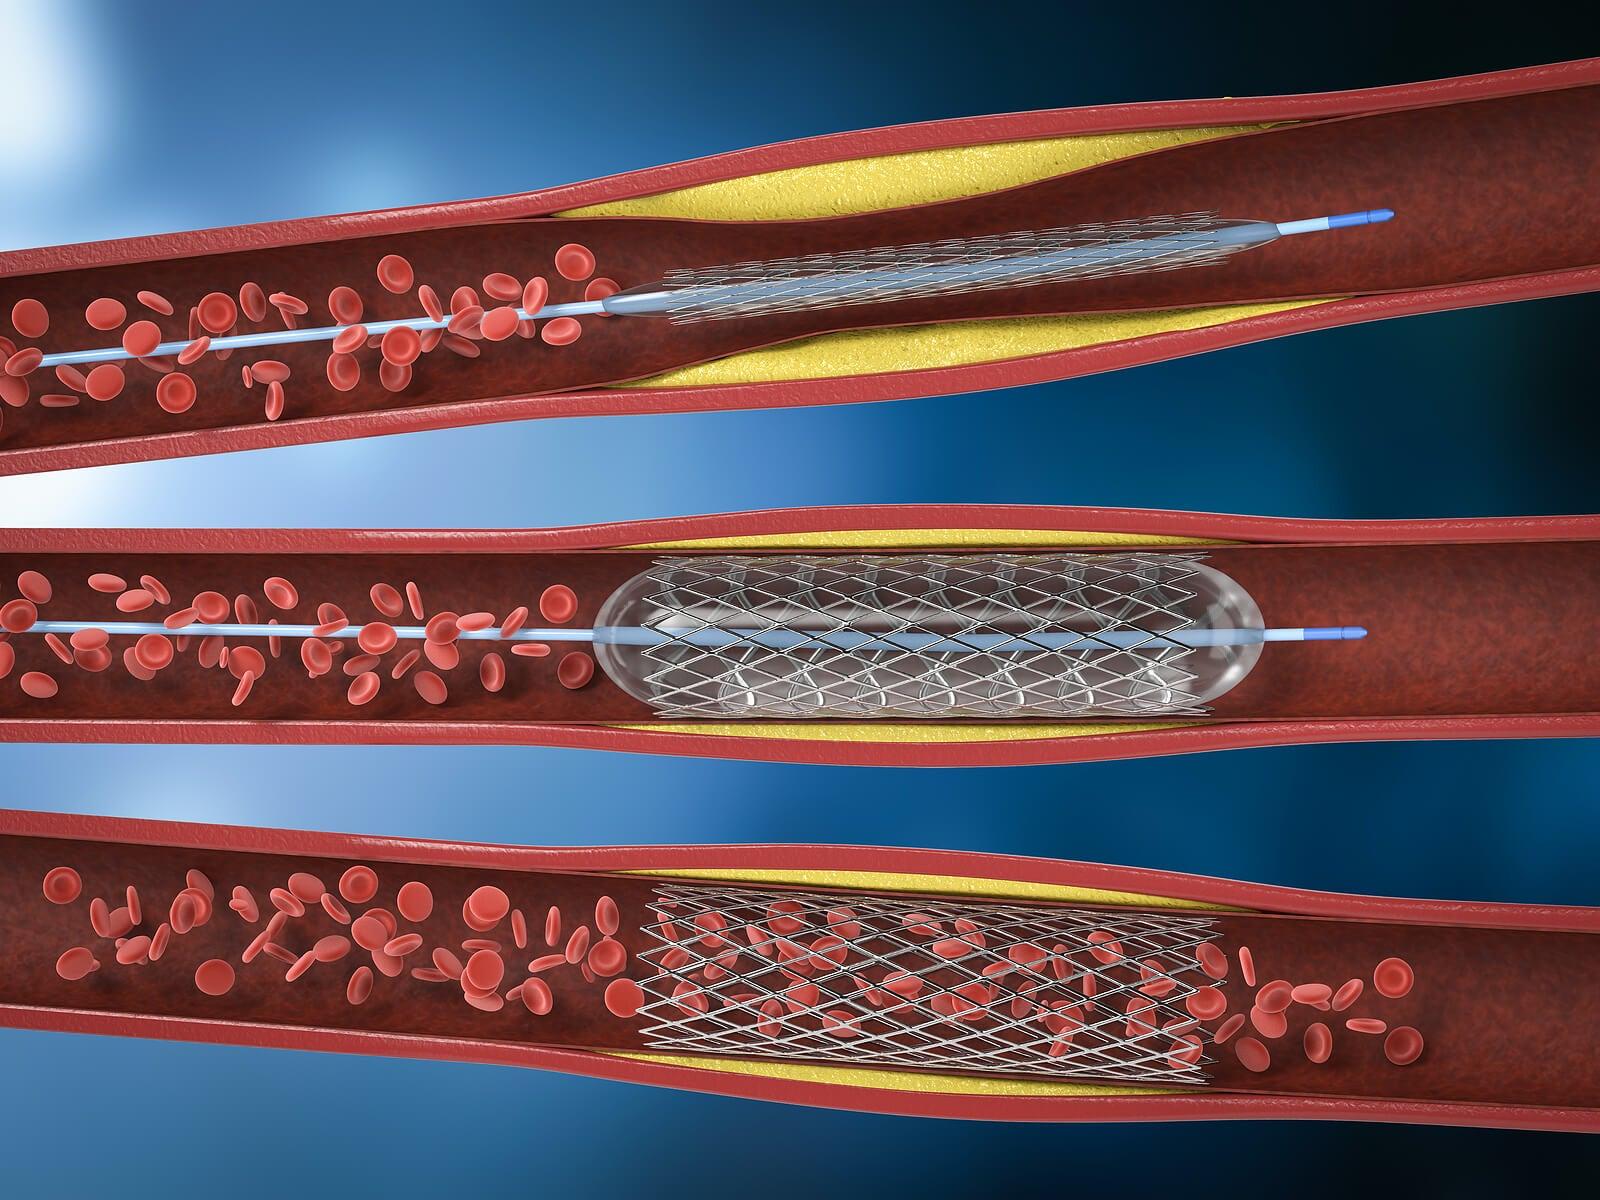 La angioplastia coronaria es unprocedimiento que se realiza bajo anestesia local en una sala de hemodinamia.